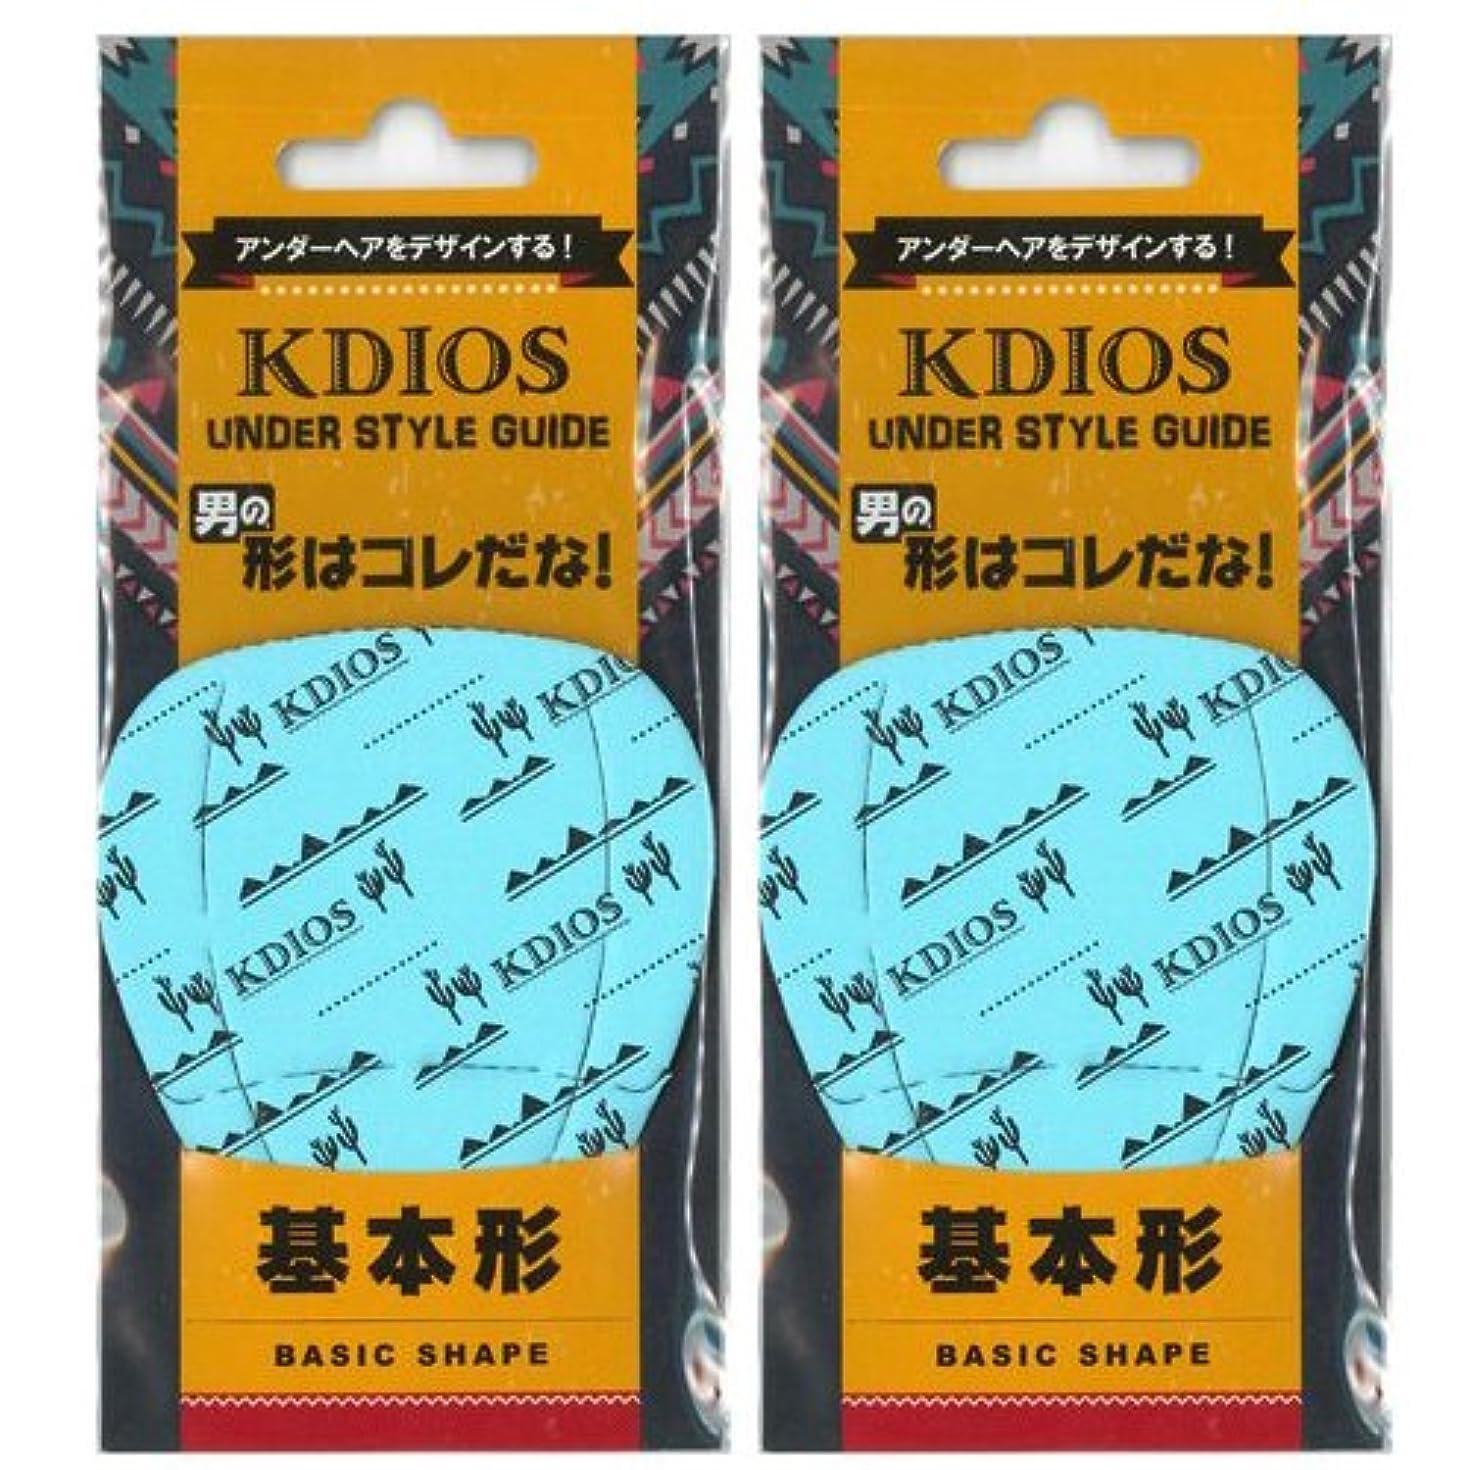 オーガニックスープ幻滅するKDIOS(ケディオス) アンダースタイルガイド 「基本形」 FOR MEN ×2個セット